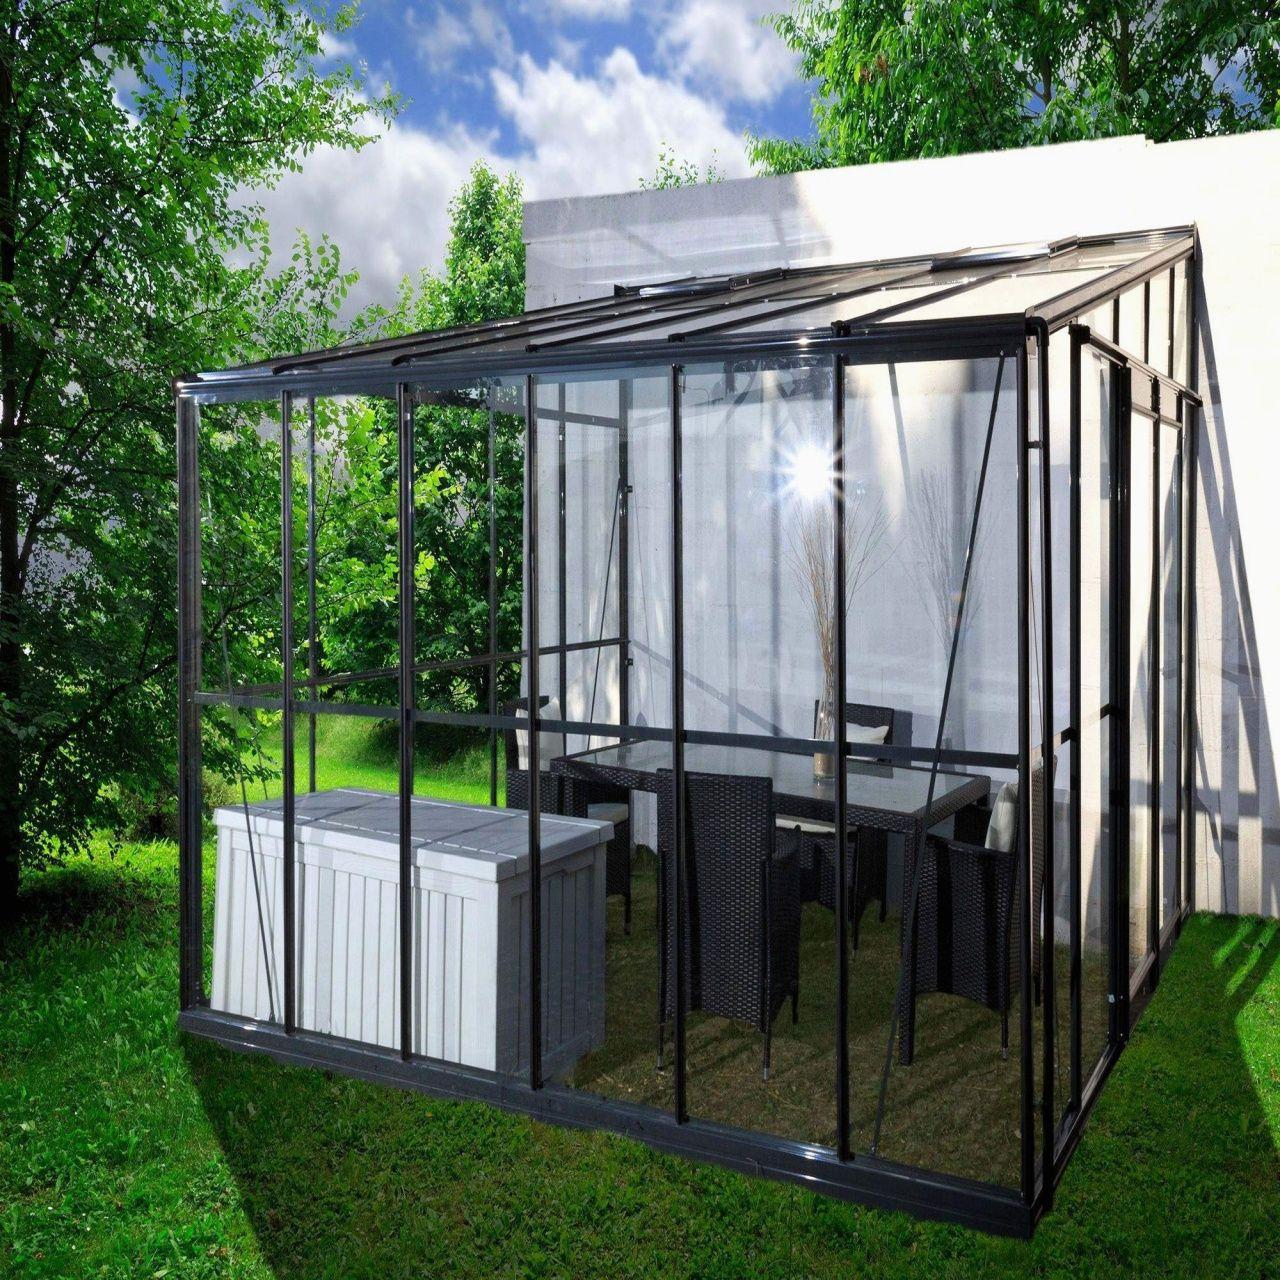 77 Serre De Jardin Leroy Merlin | Indoor Garden, Outdoor, Garden encequiconcerne Leroy Merlin Serre De Jardin